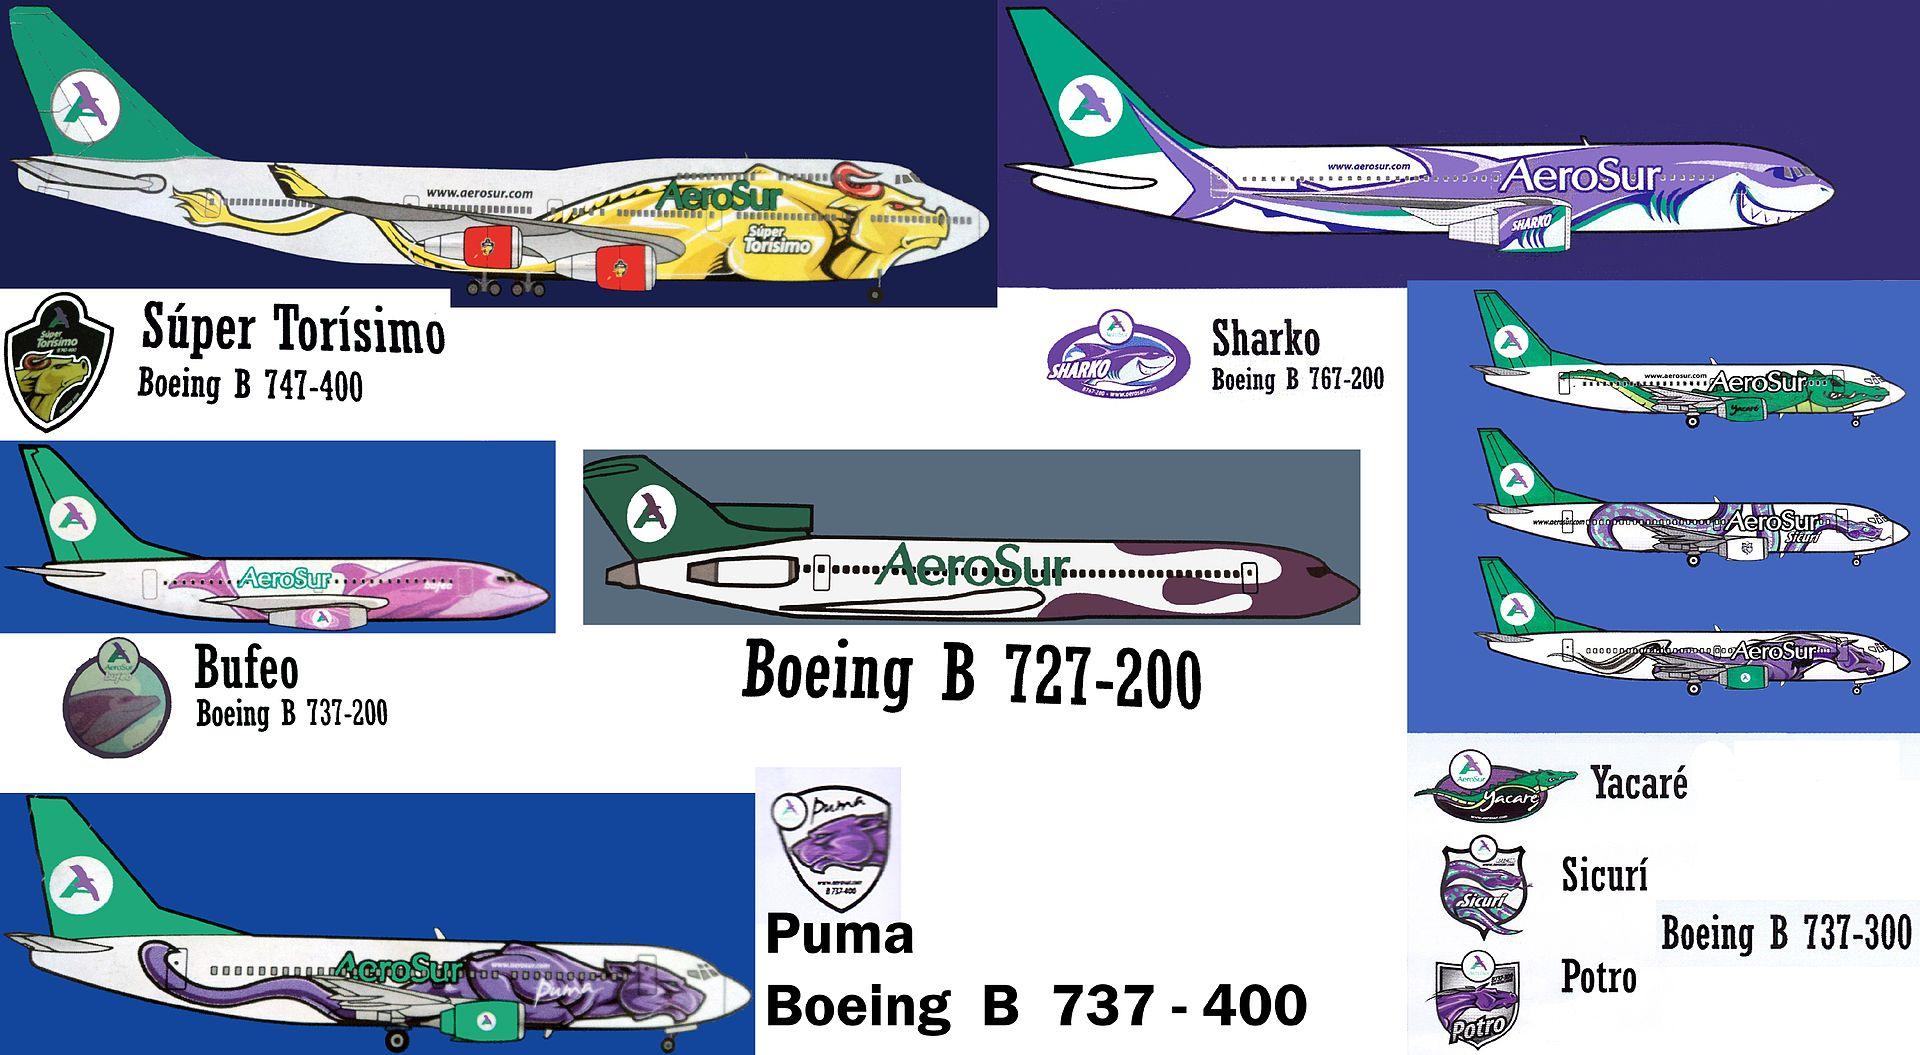 Toda a frota da extinta Aerosur. Que fauna rica! Clique para ampliar (Foto:De Mateo33 - Trabajo propio, CC BY-SA 3.0)